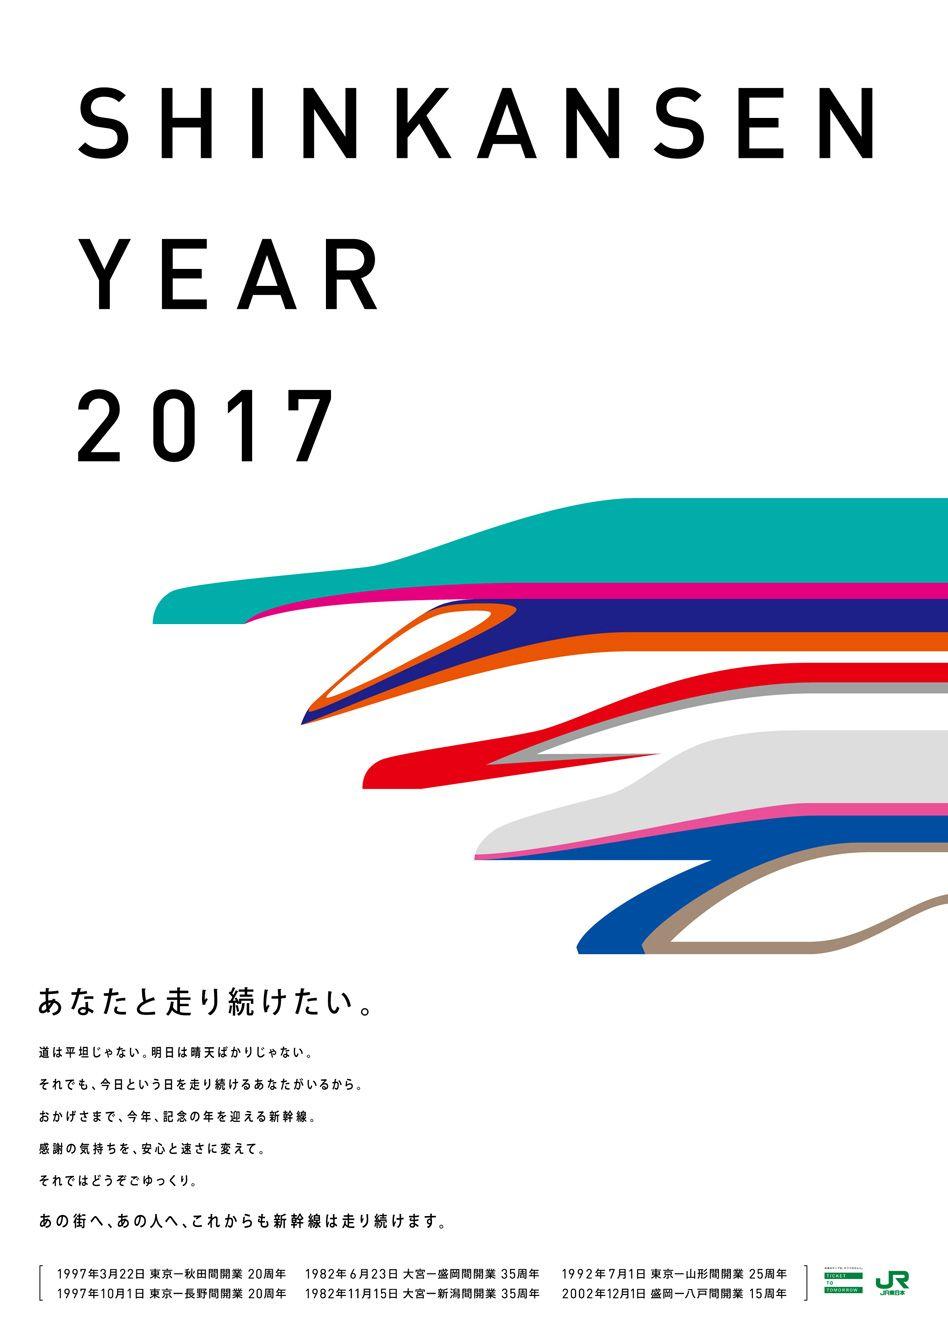 2017 Shinkansen nuevo logotipo cartel | MyDesy Amoy inspiración